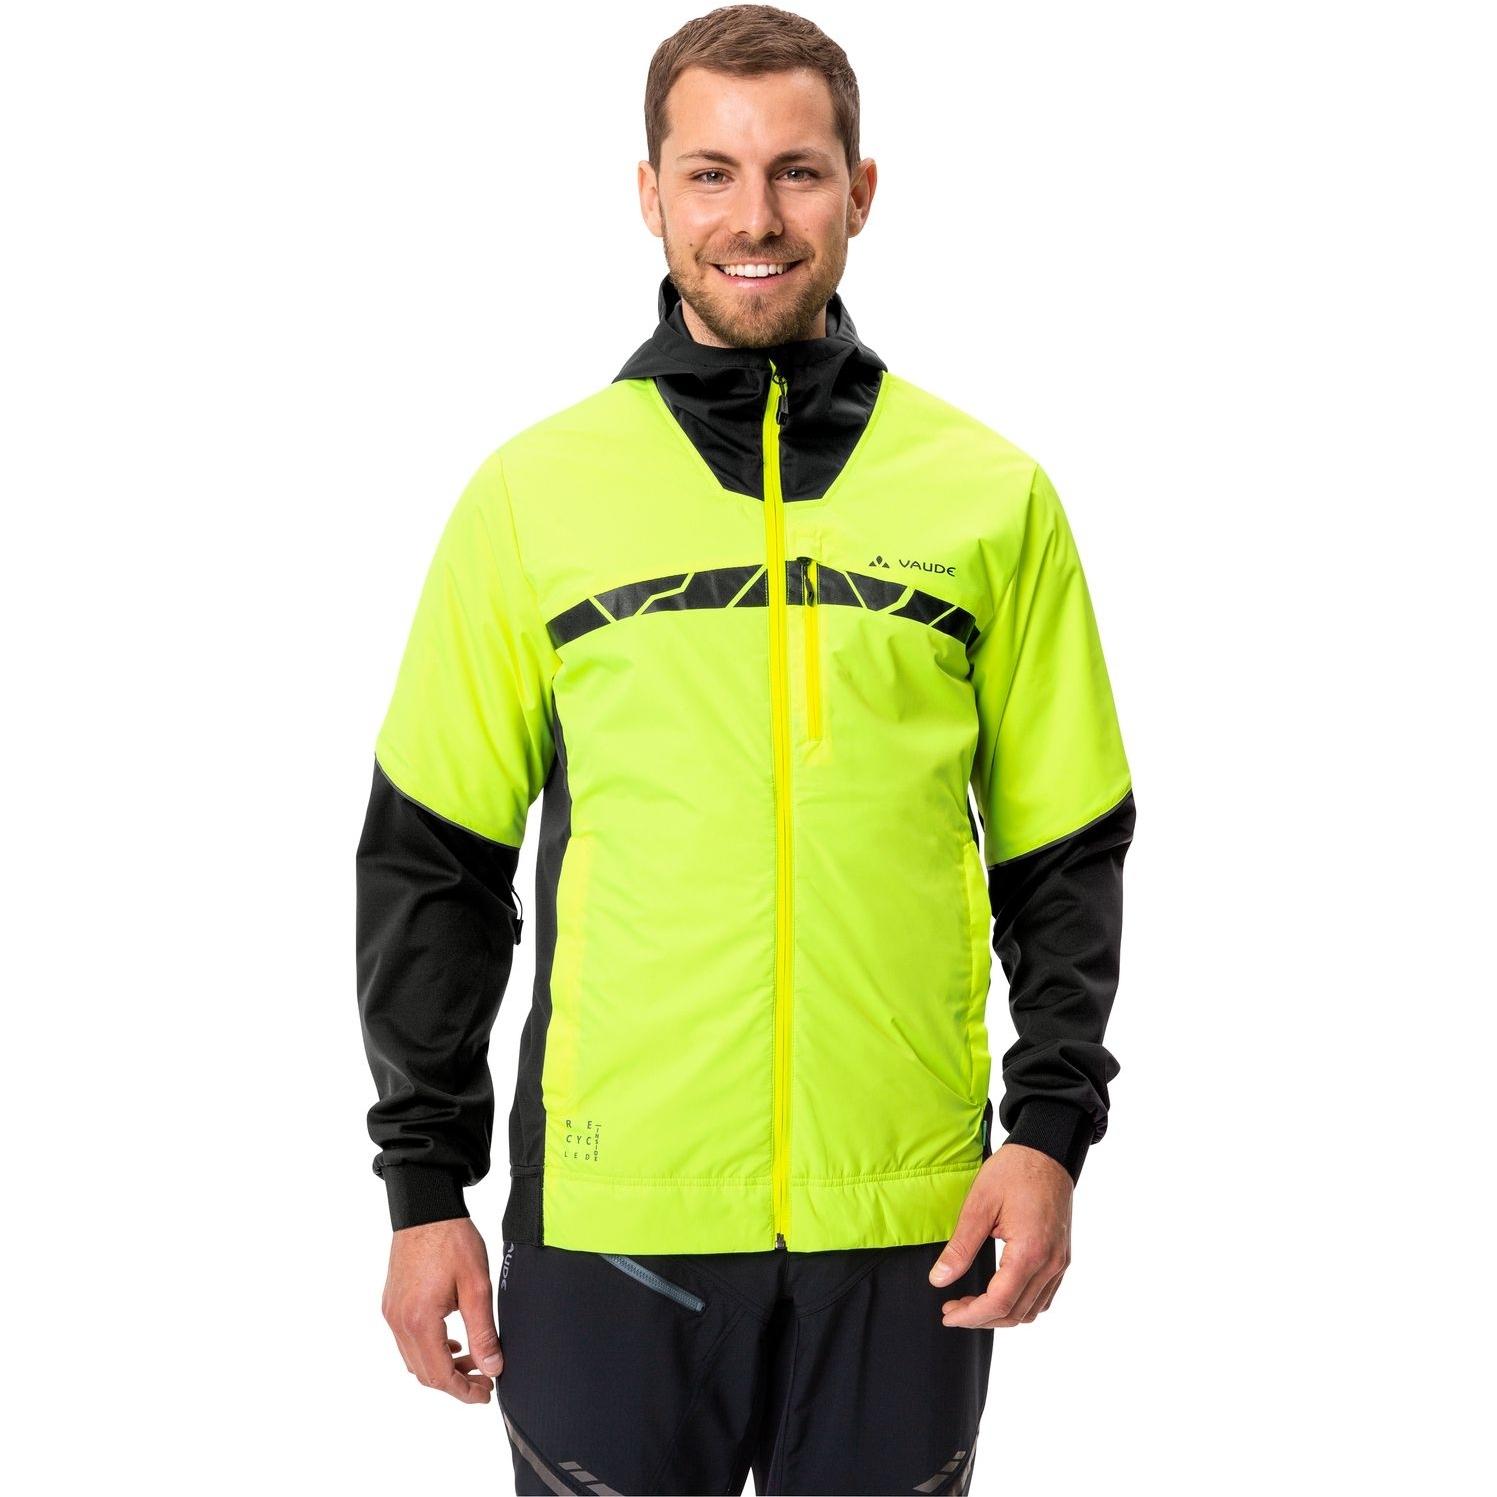 Image of Vaude Men's All Year Moab Jacket II - neon yellow